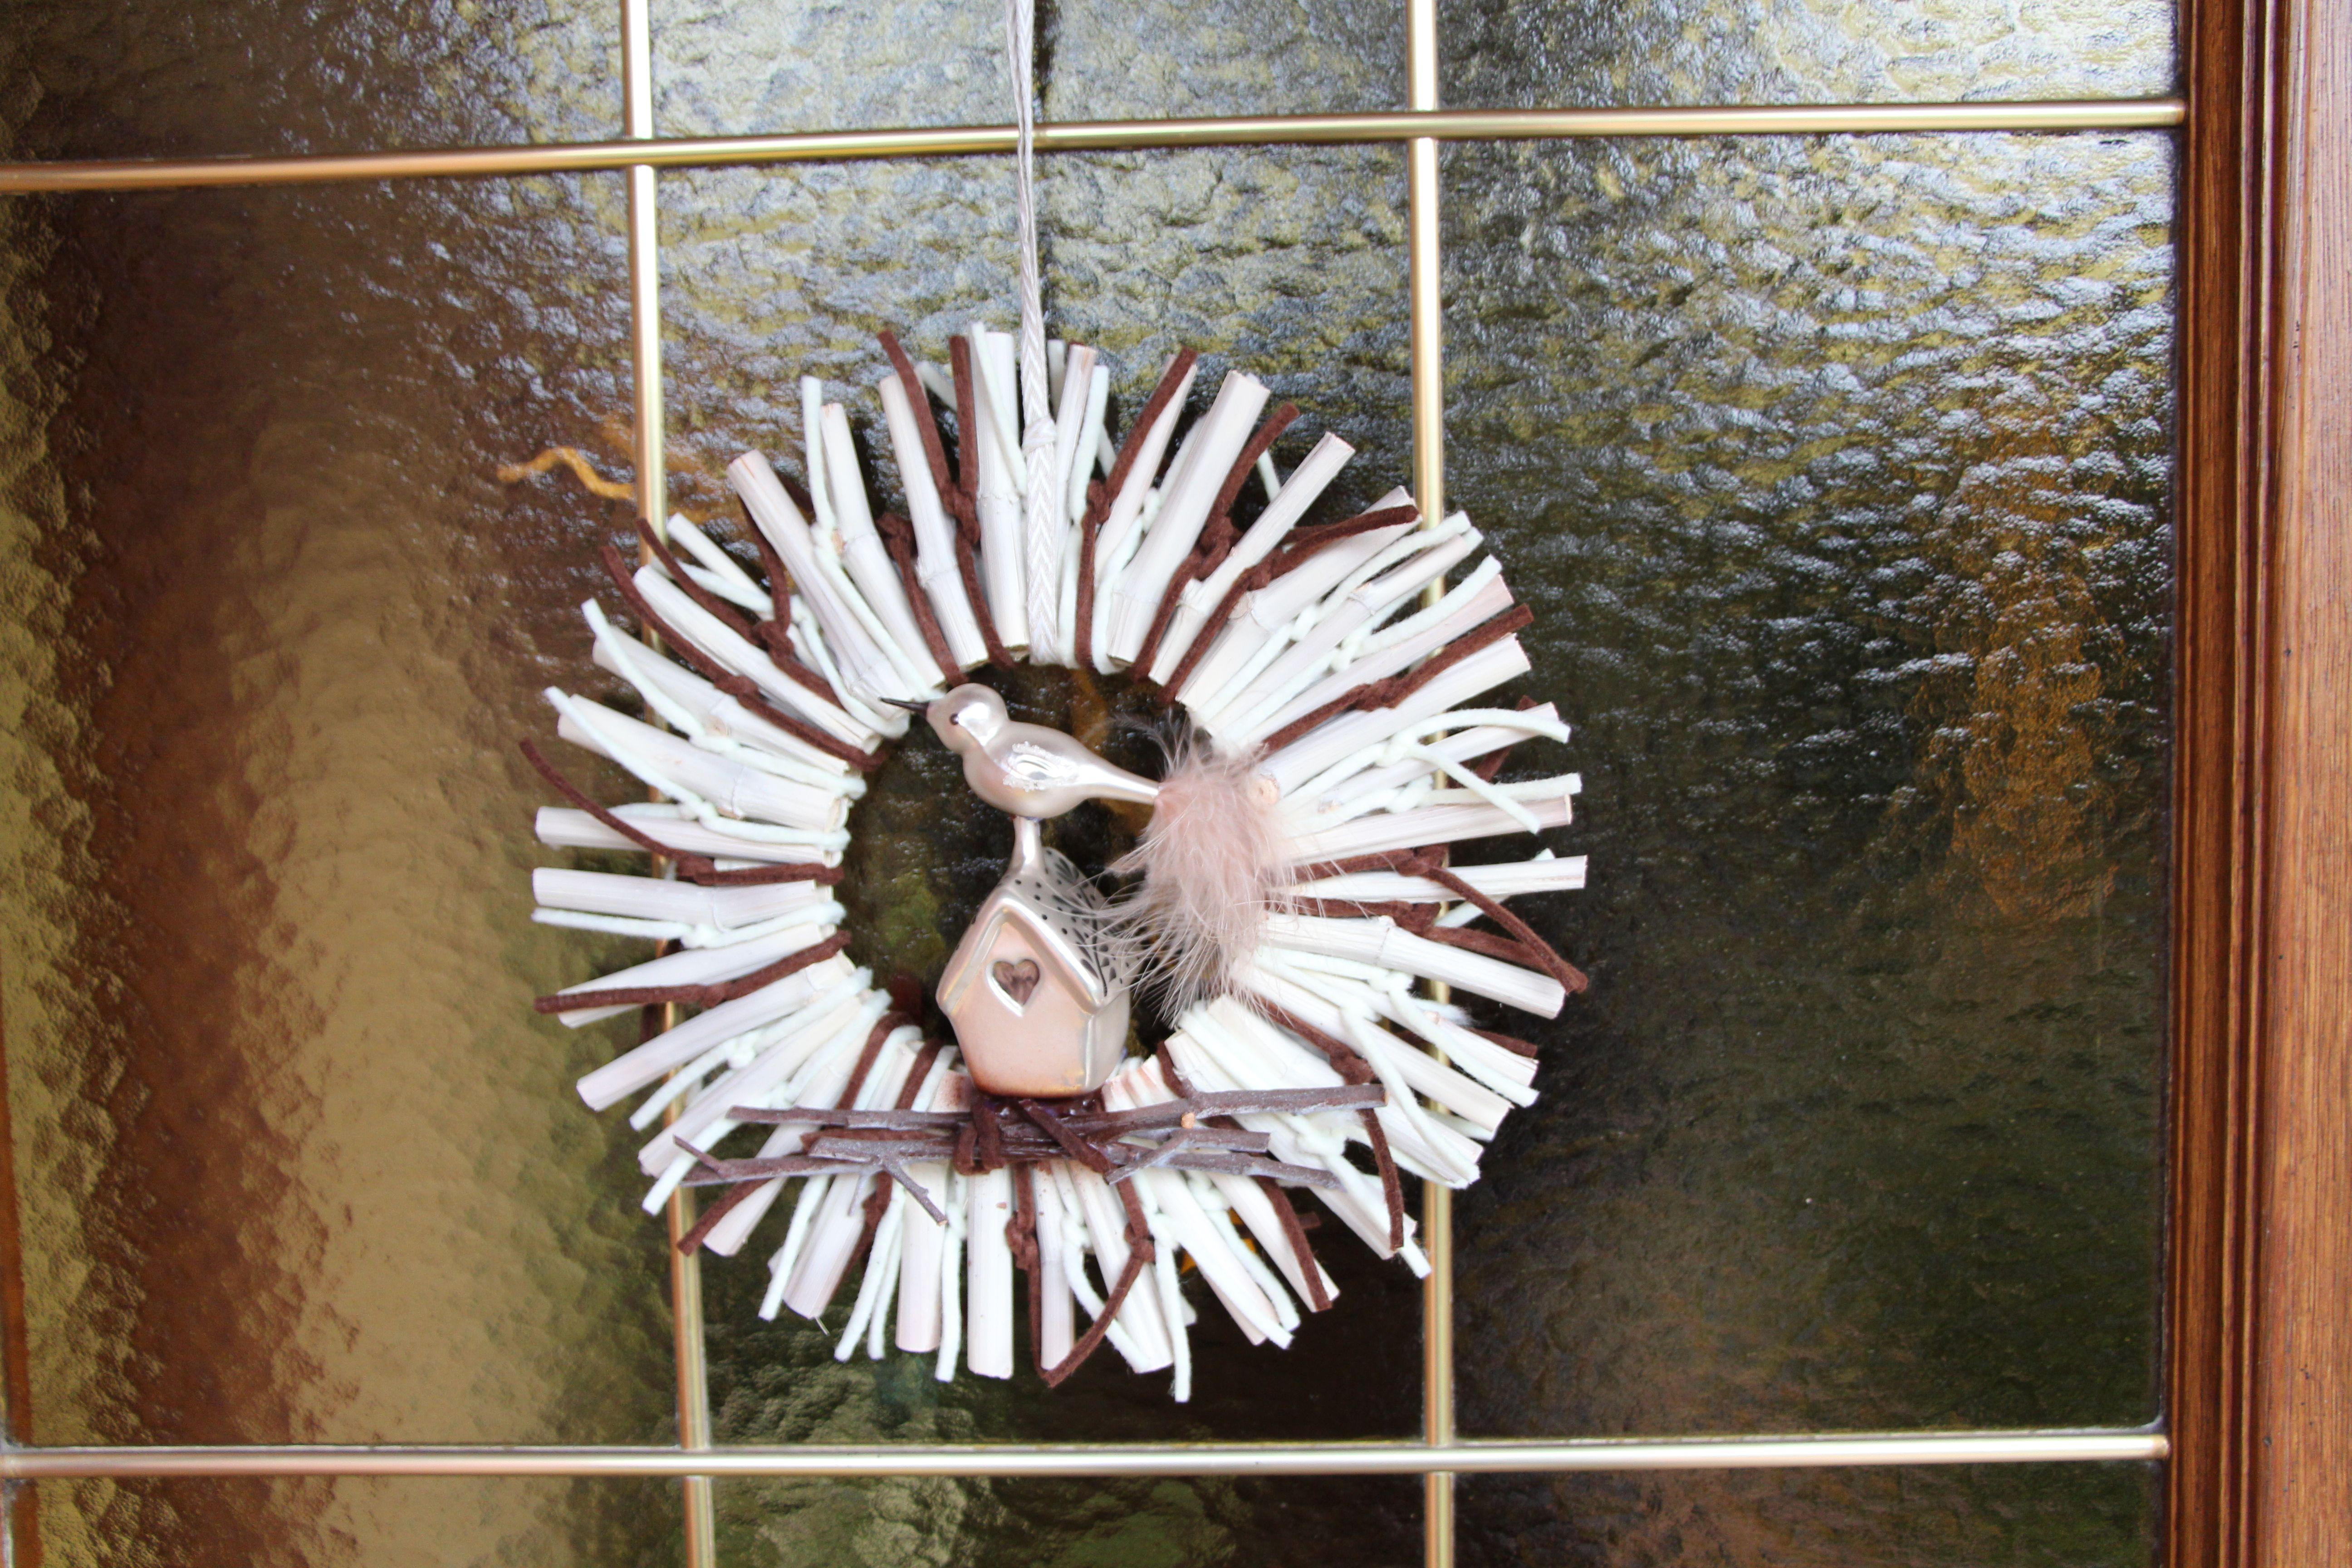 Eine Sonne aus weiß gefärbten Knöterich, naturfarbenen und braunen Filzbändern für eine Haustür aus Eichenholz. Die Mitte zieren ein Häuschen und Vogel aus Glas.